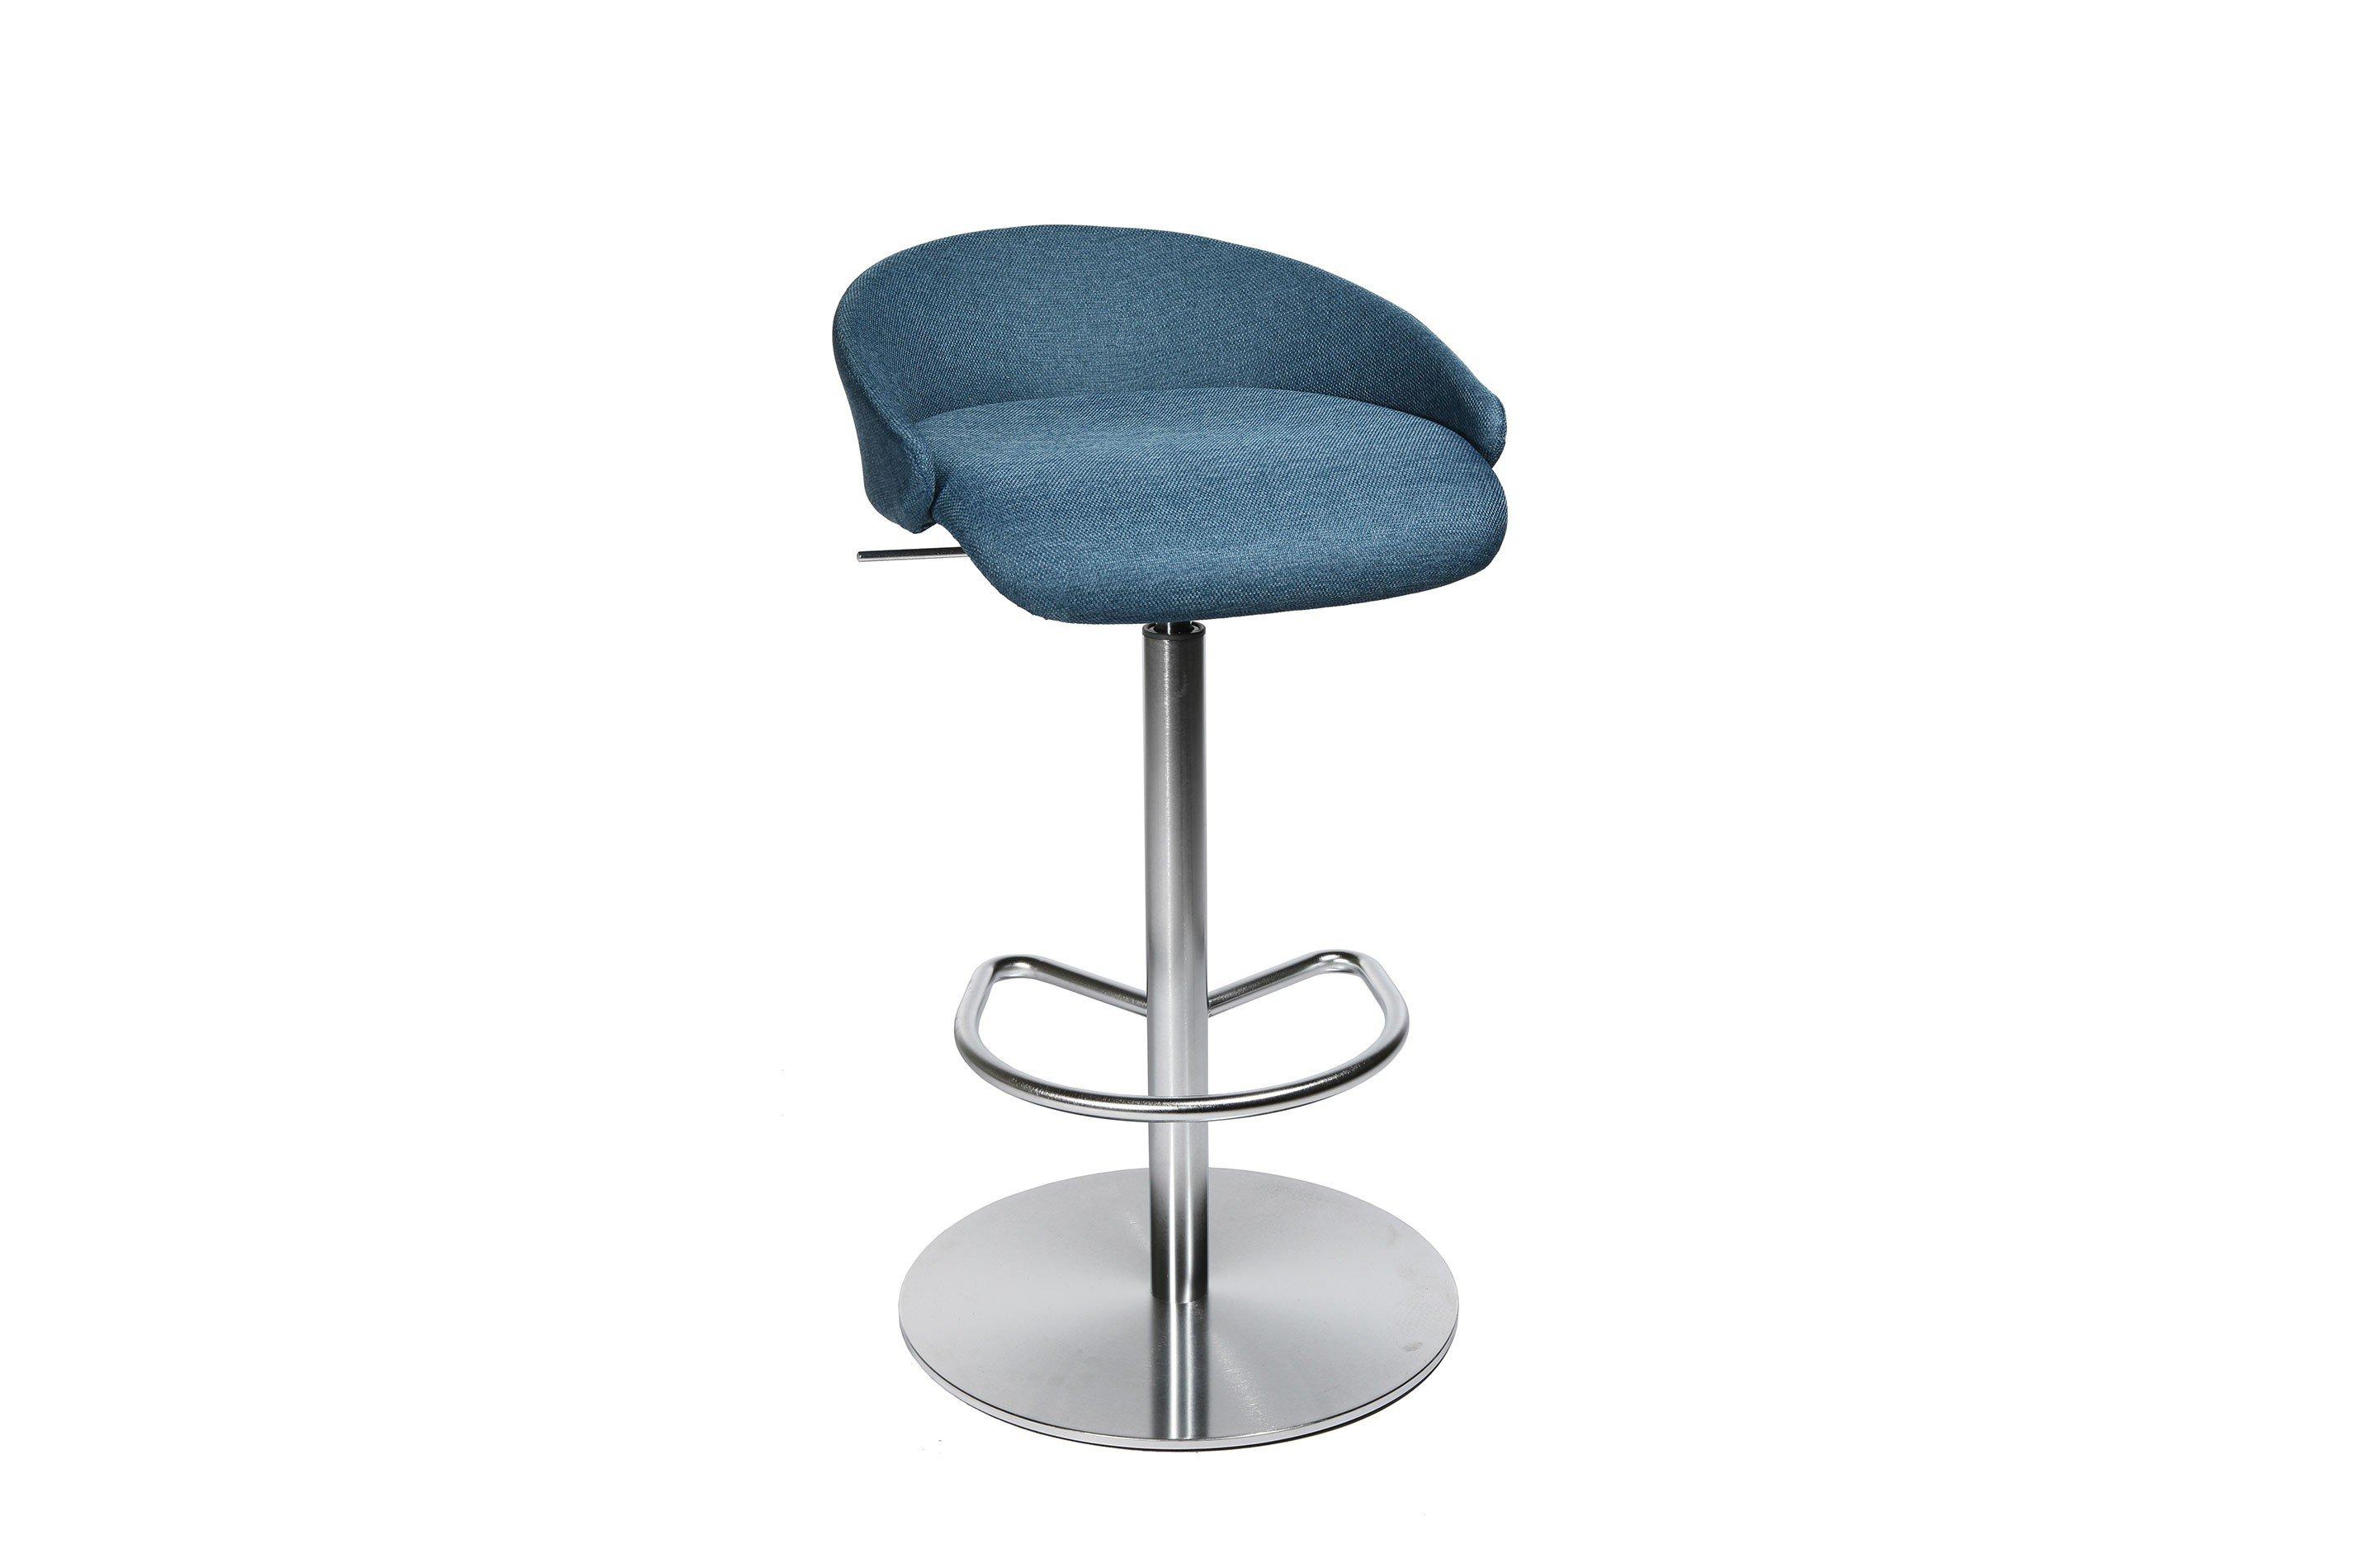 Topstar Barhocker Sitness Stool 20 blau | Möbel Letz - Ihr Online-Shop